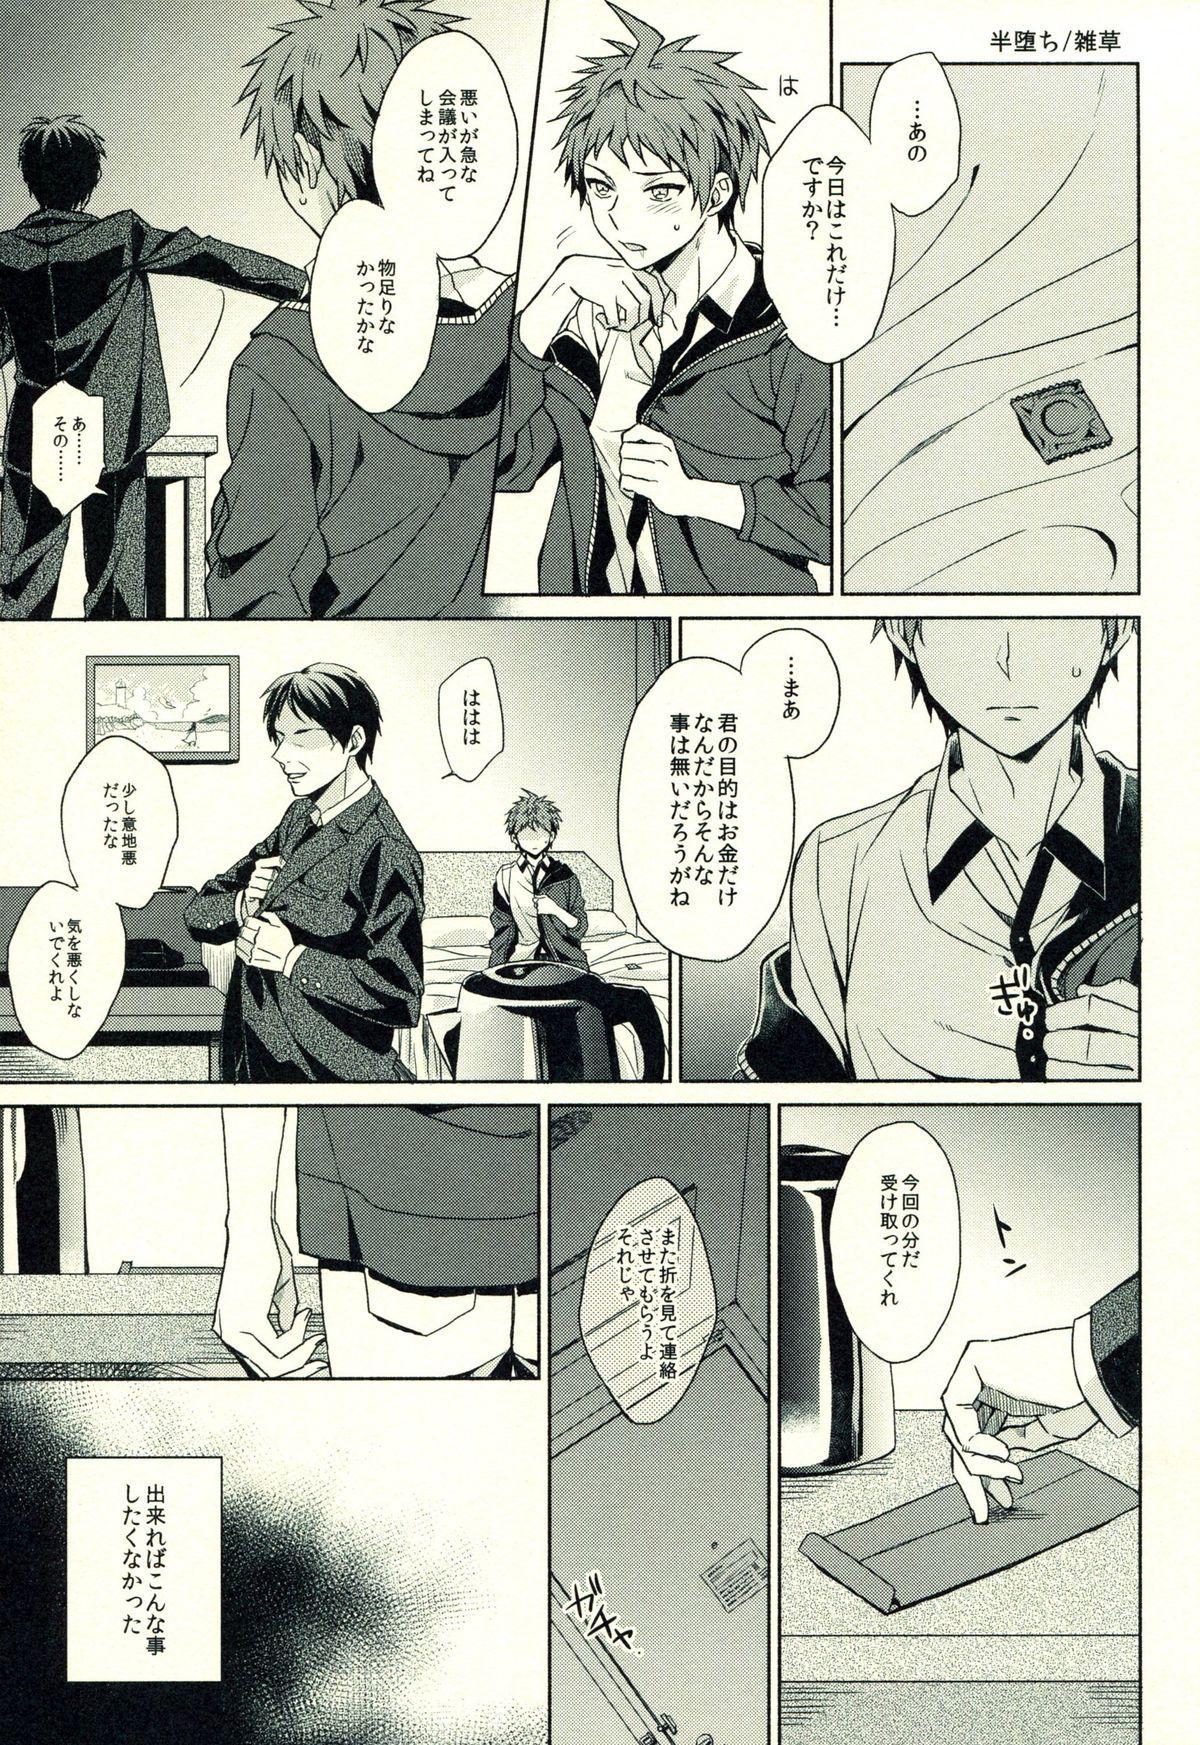 Hinata Hajime no Himitsu no Jikan 125